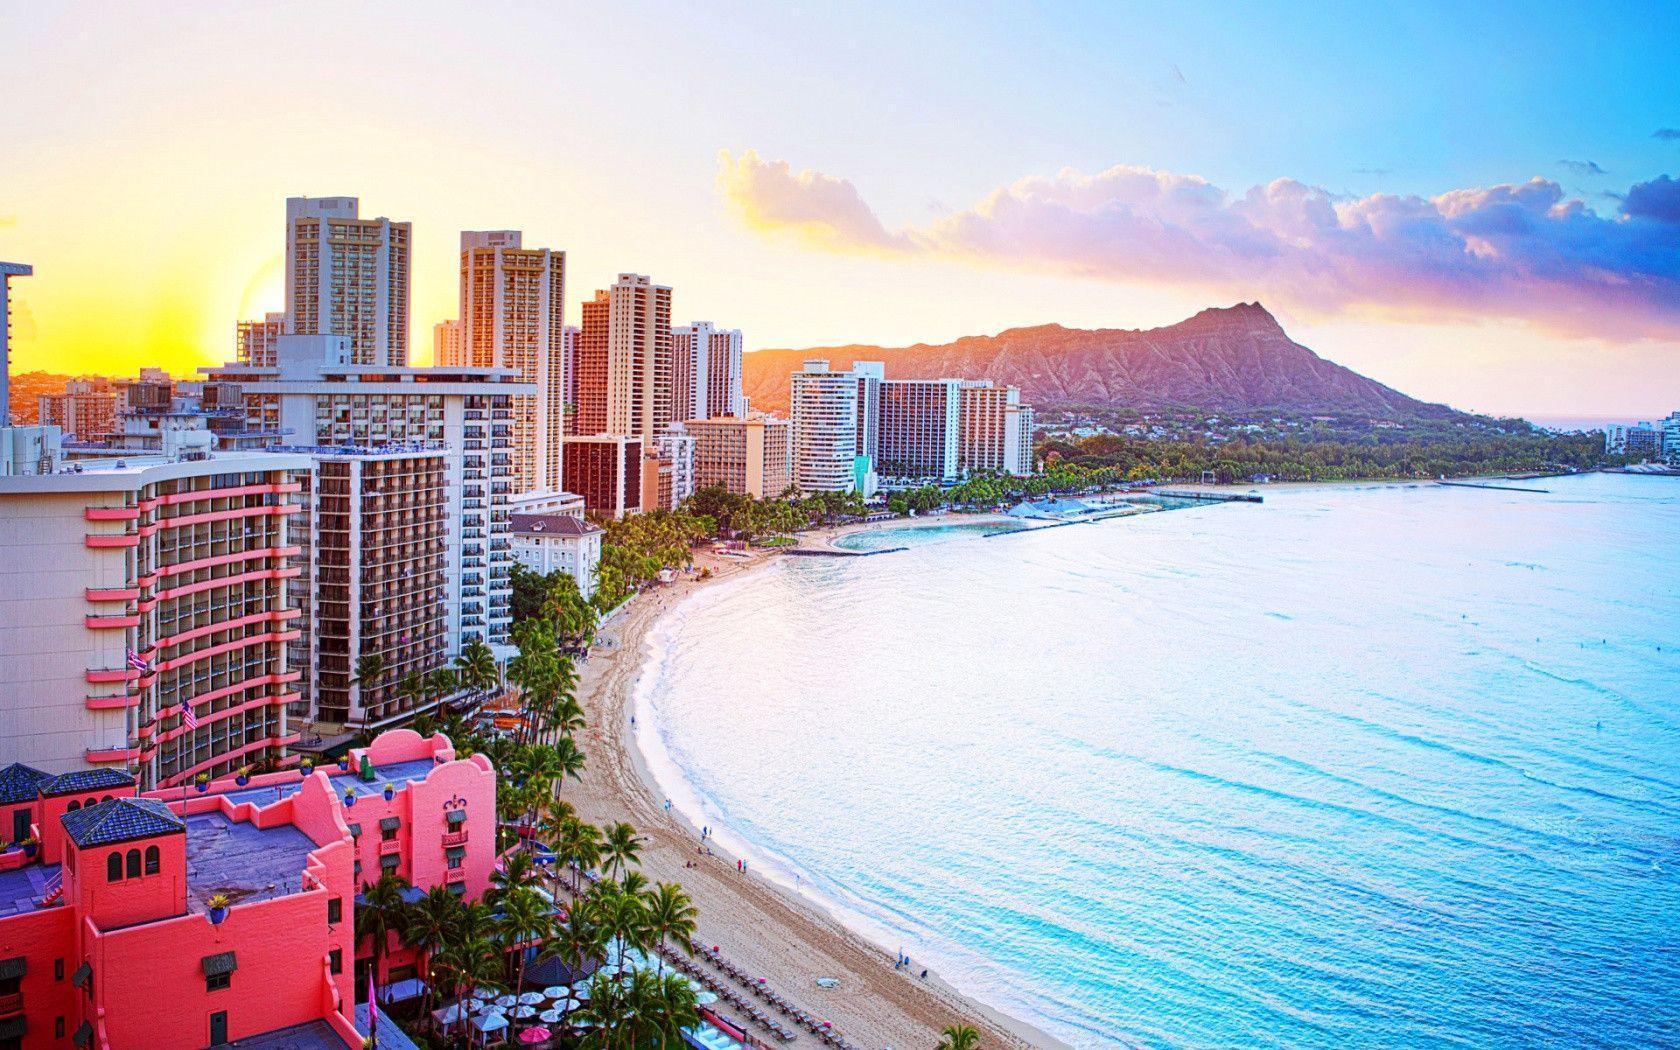 Waikiki Hawaii Wallpapers   Top Waikiki Hawaii Backgrounds 1680x1050